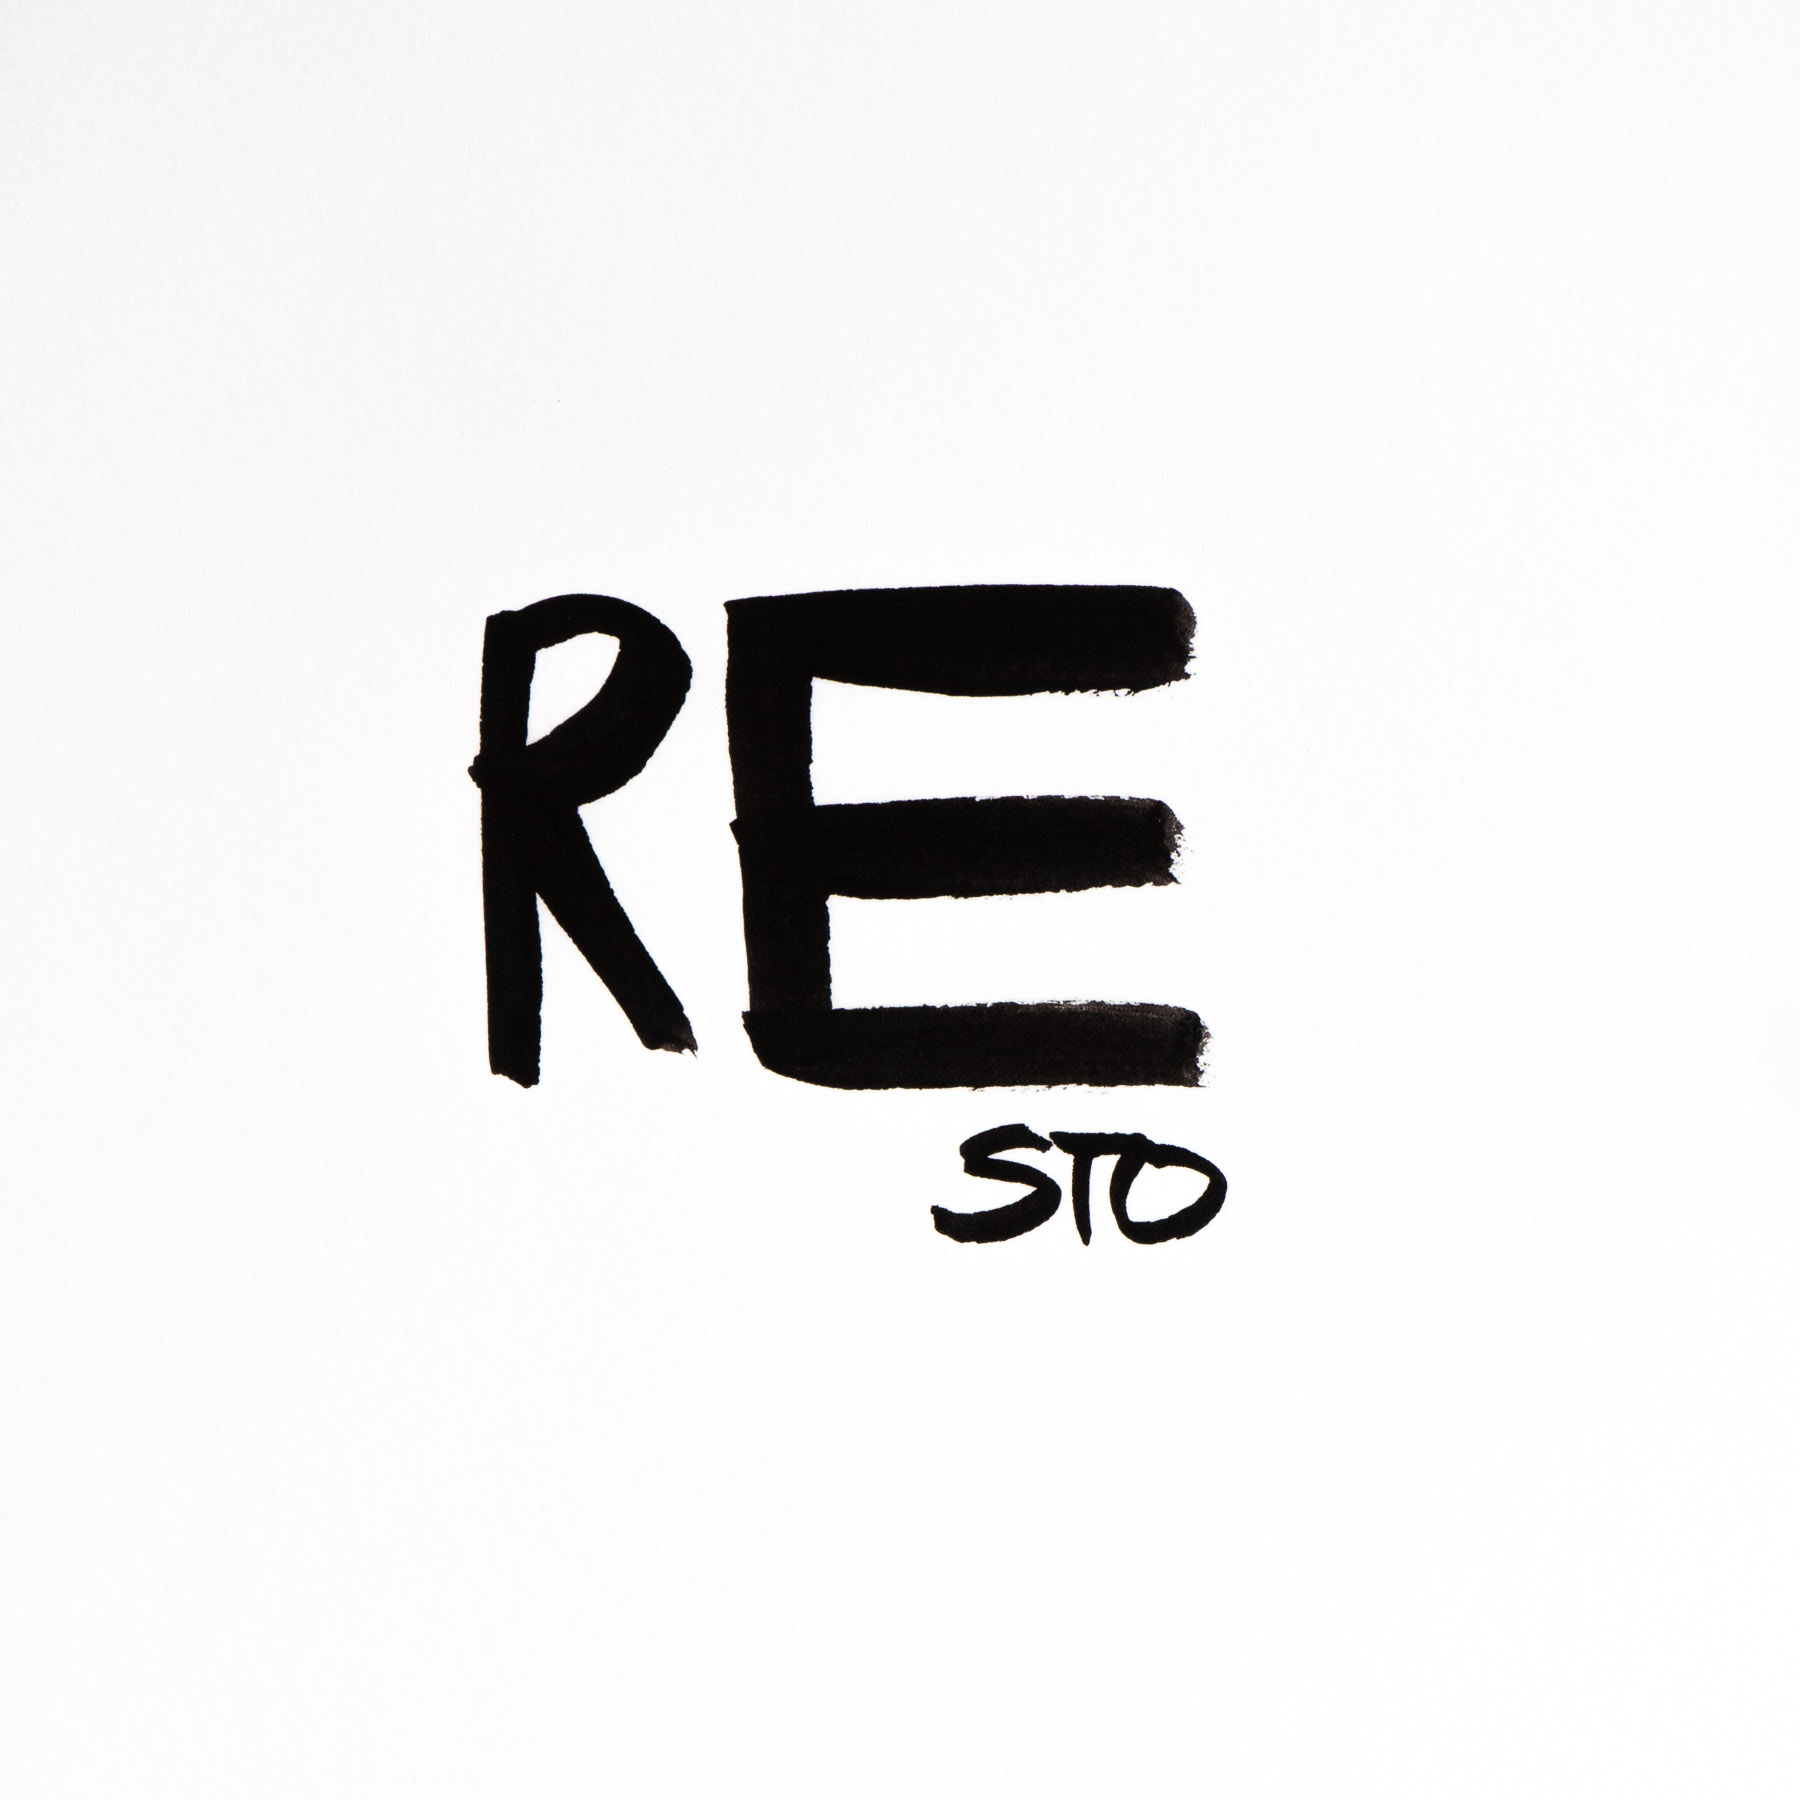 RE STO